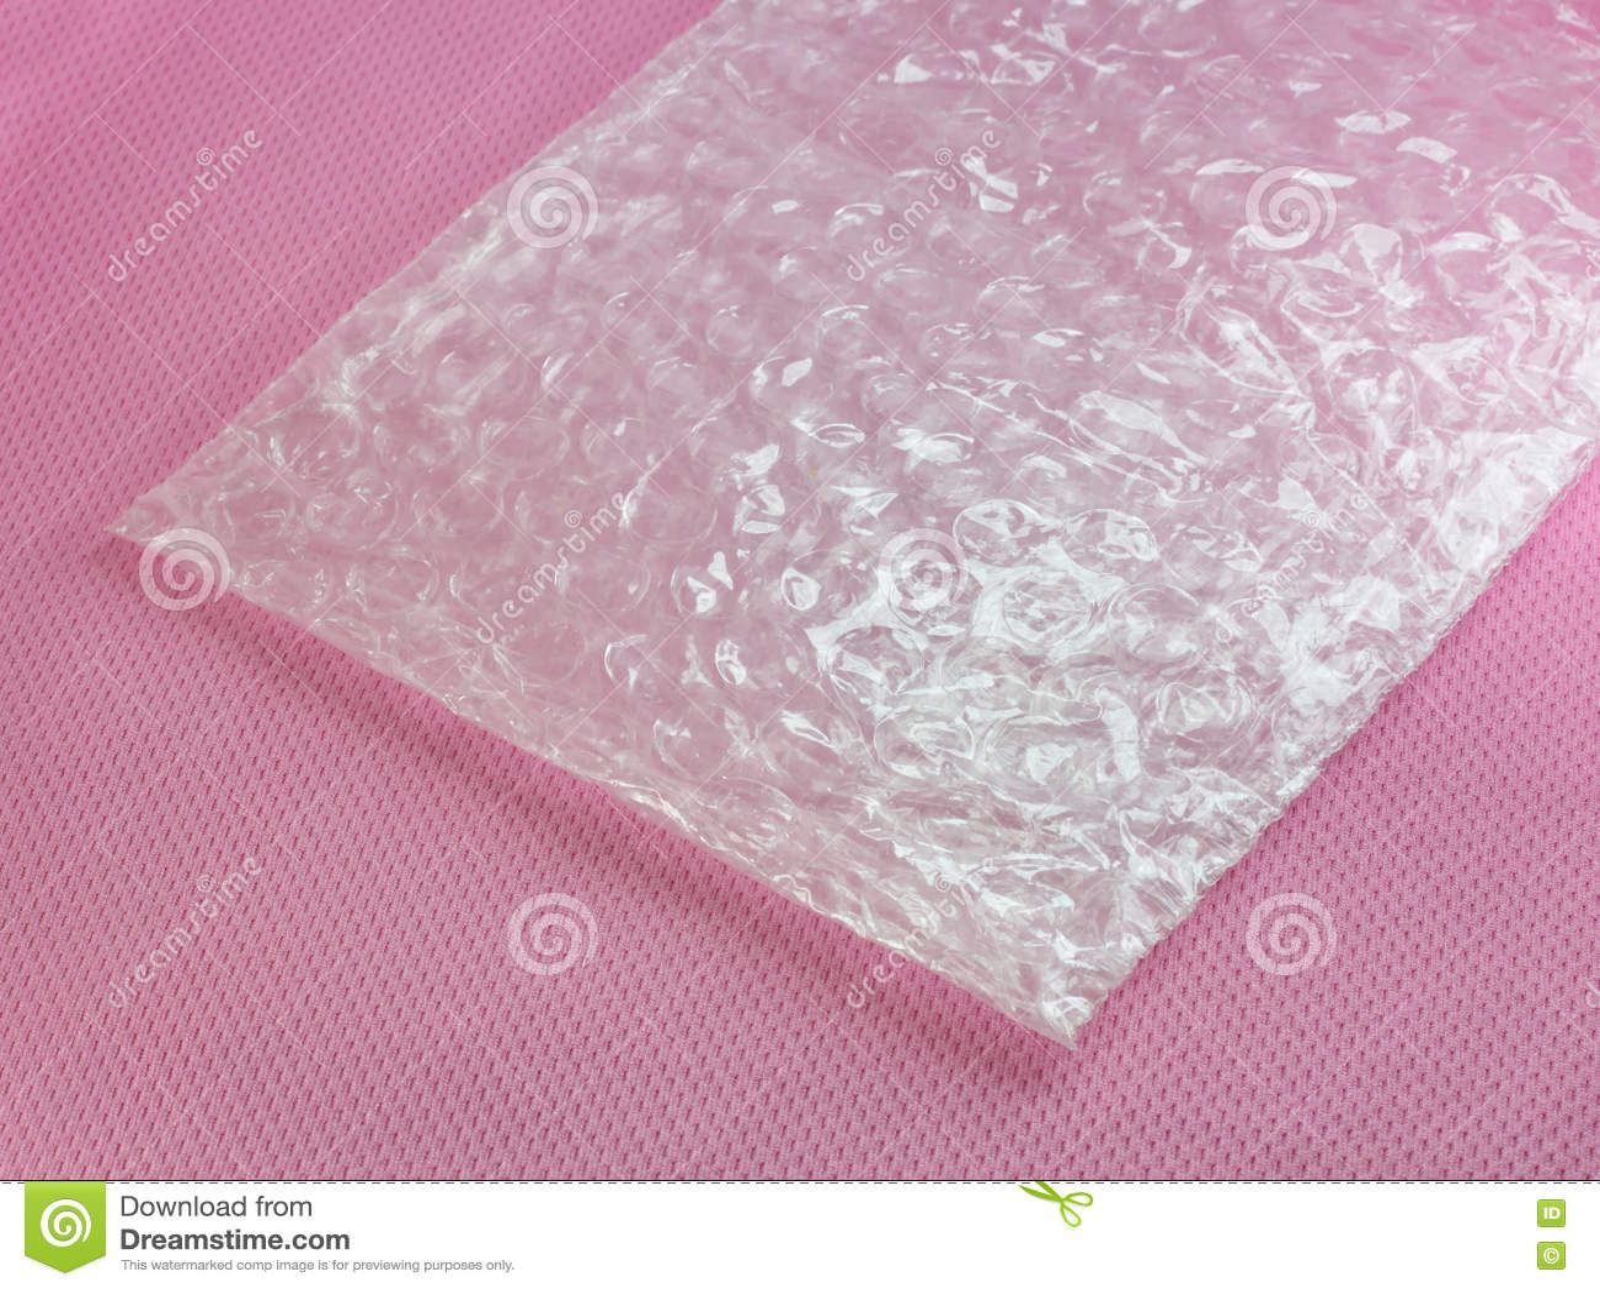 Προστατευόμενο από τους κραδασμούς υλικό - φύλλο αεροφυσαλίδων